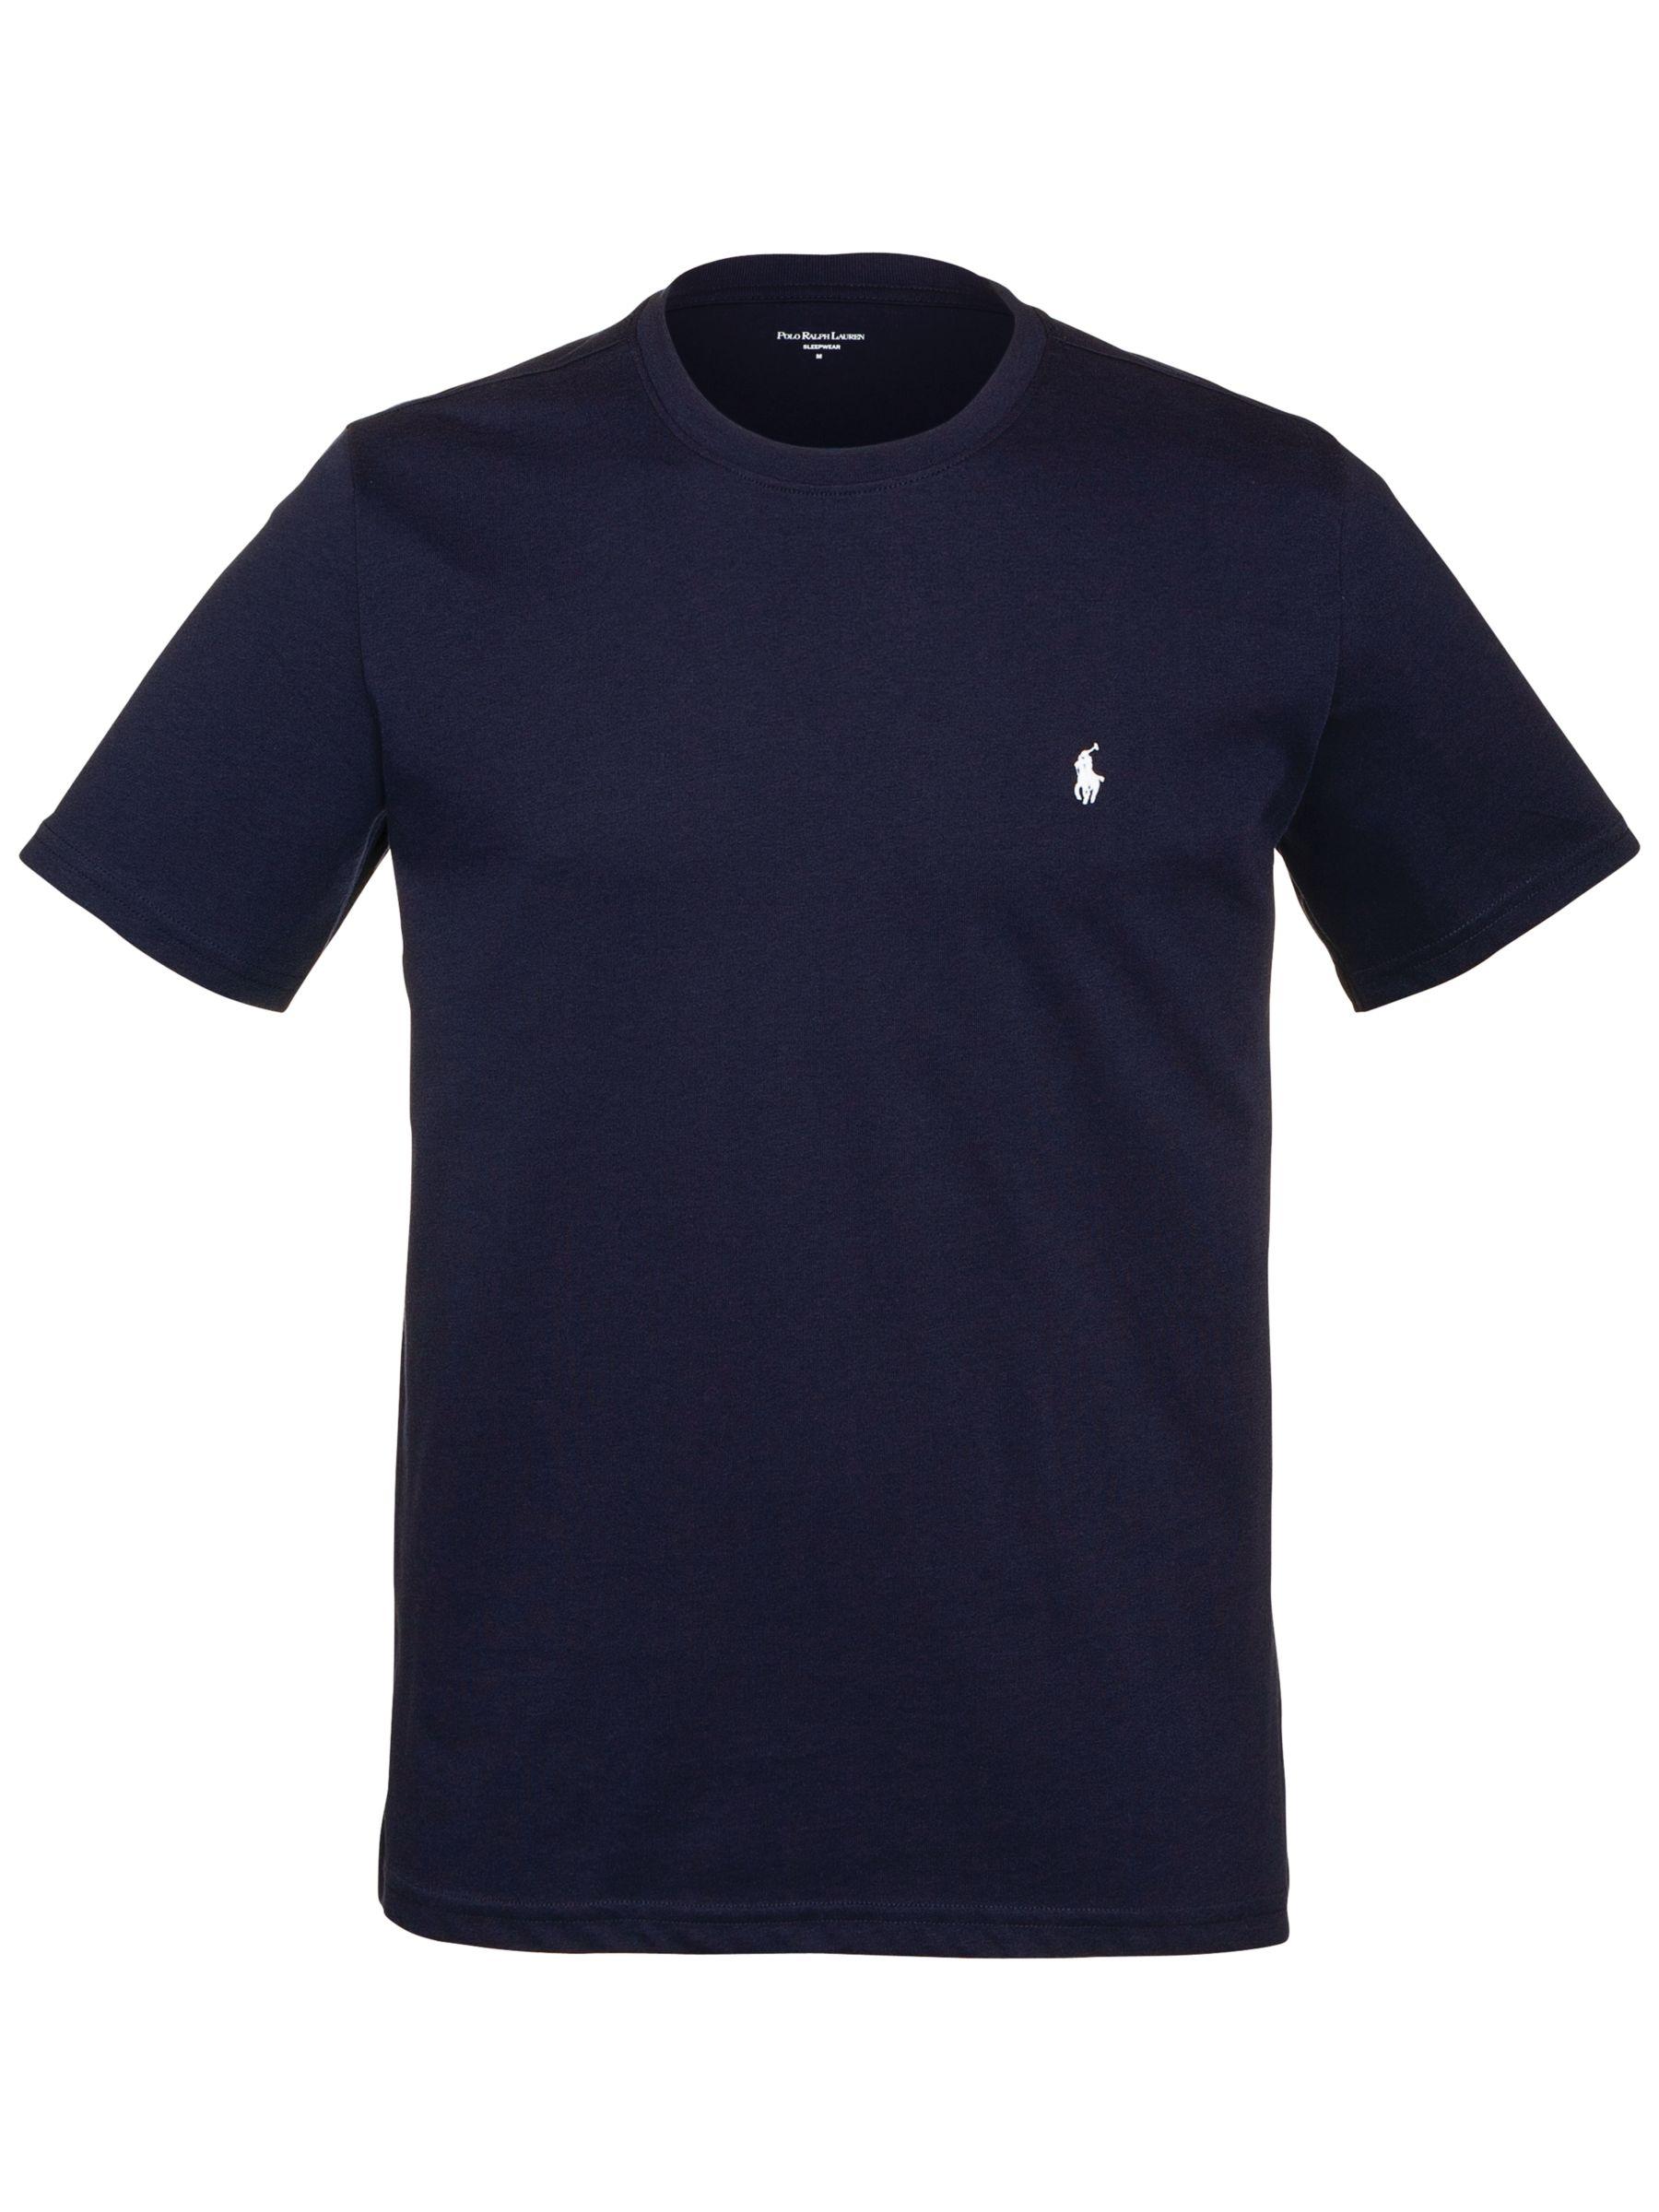 Polo Ralph Lauren Short Sleeve Crew Neck T-Shirt, Navy